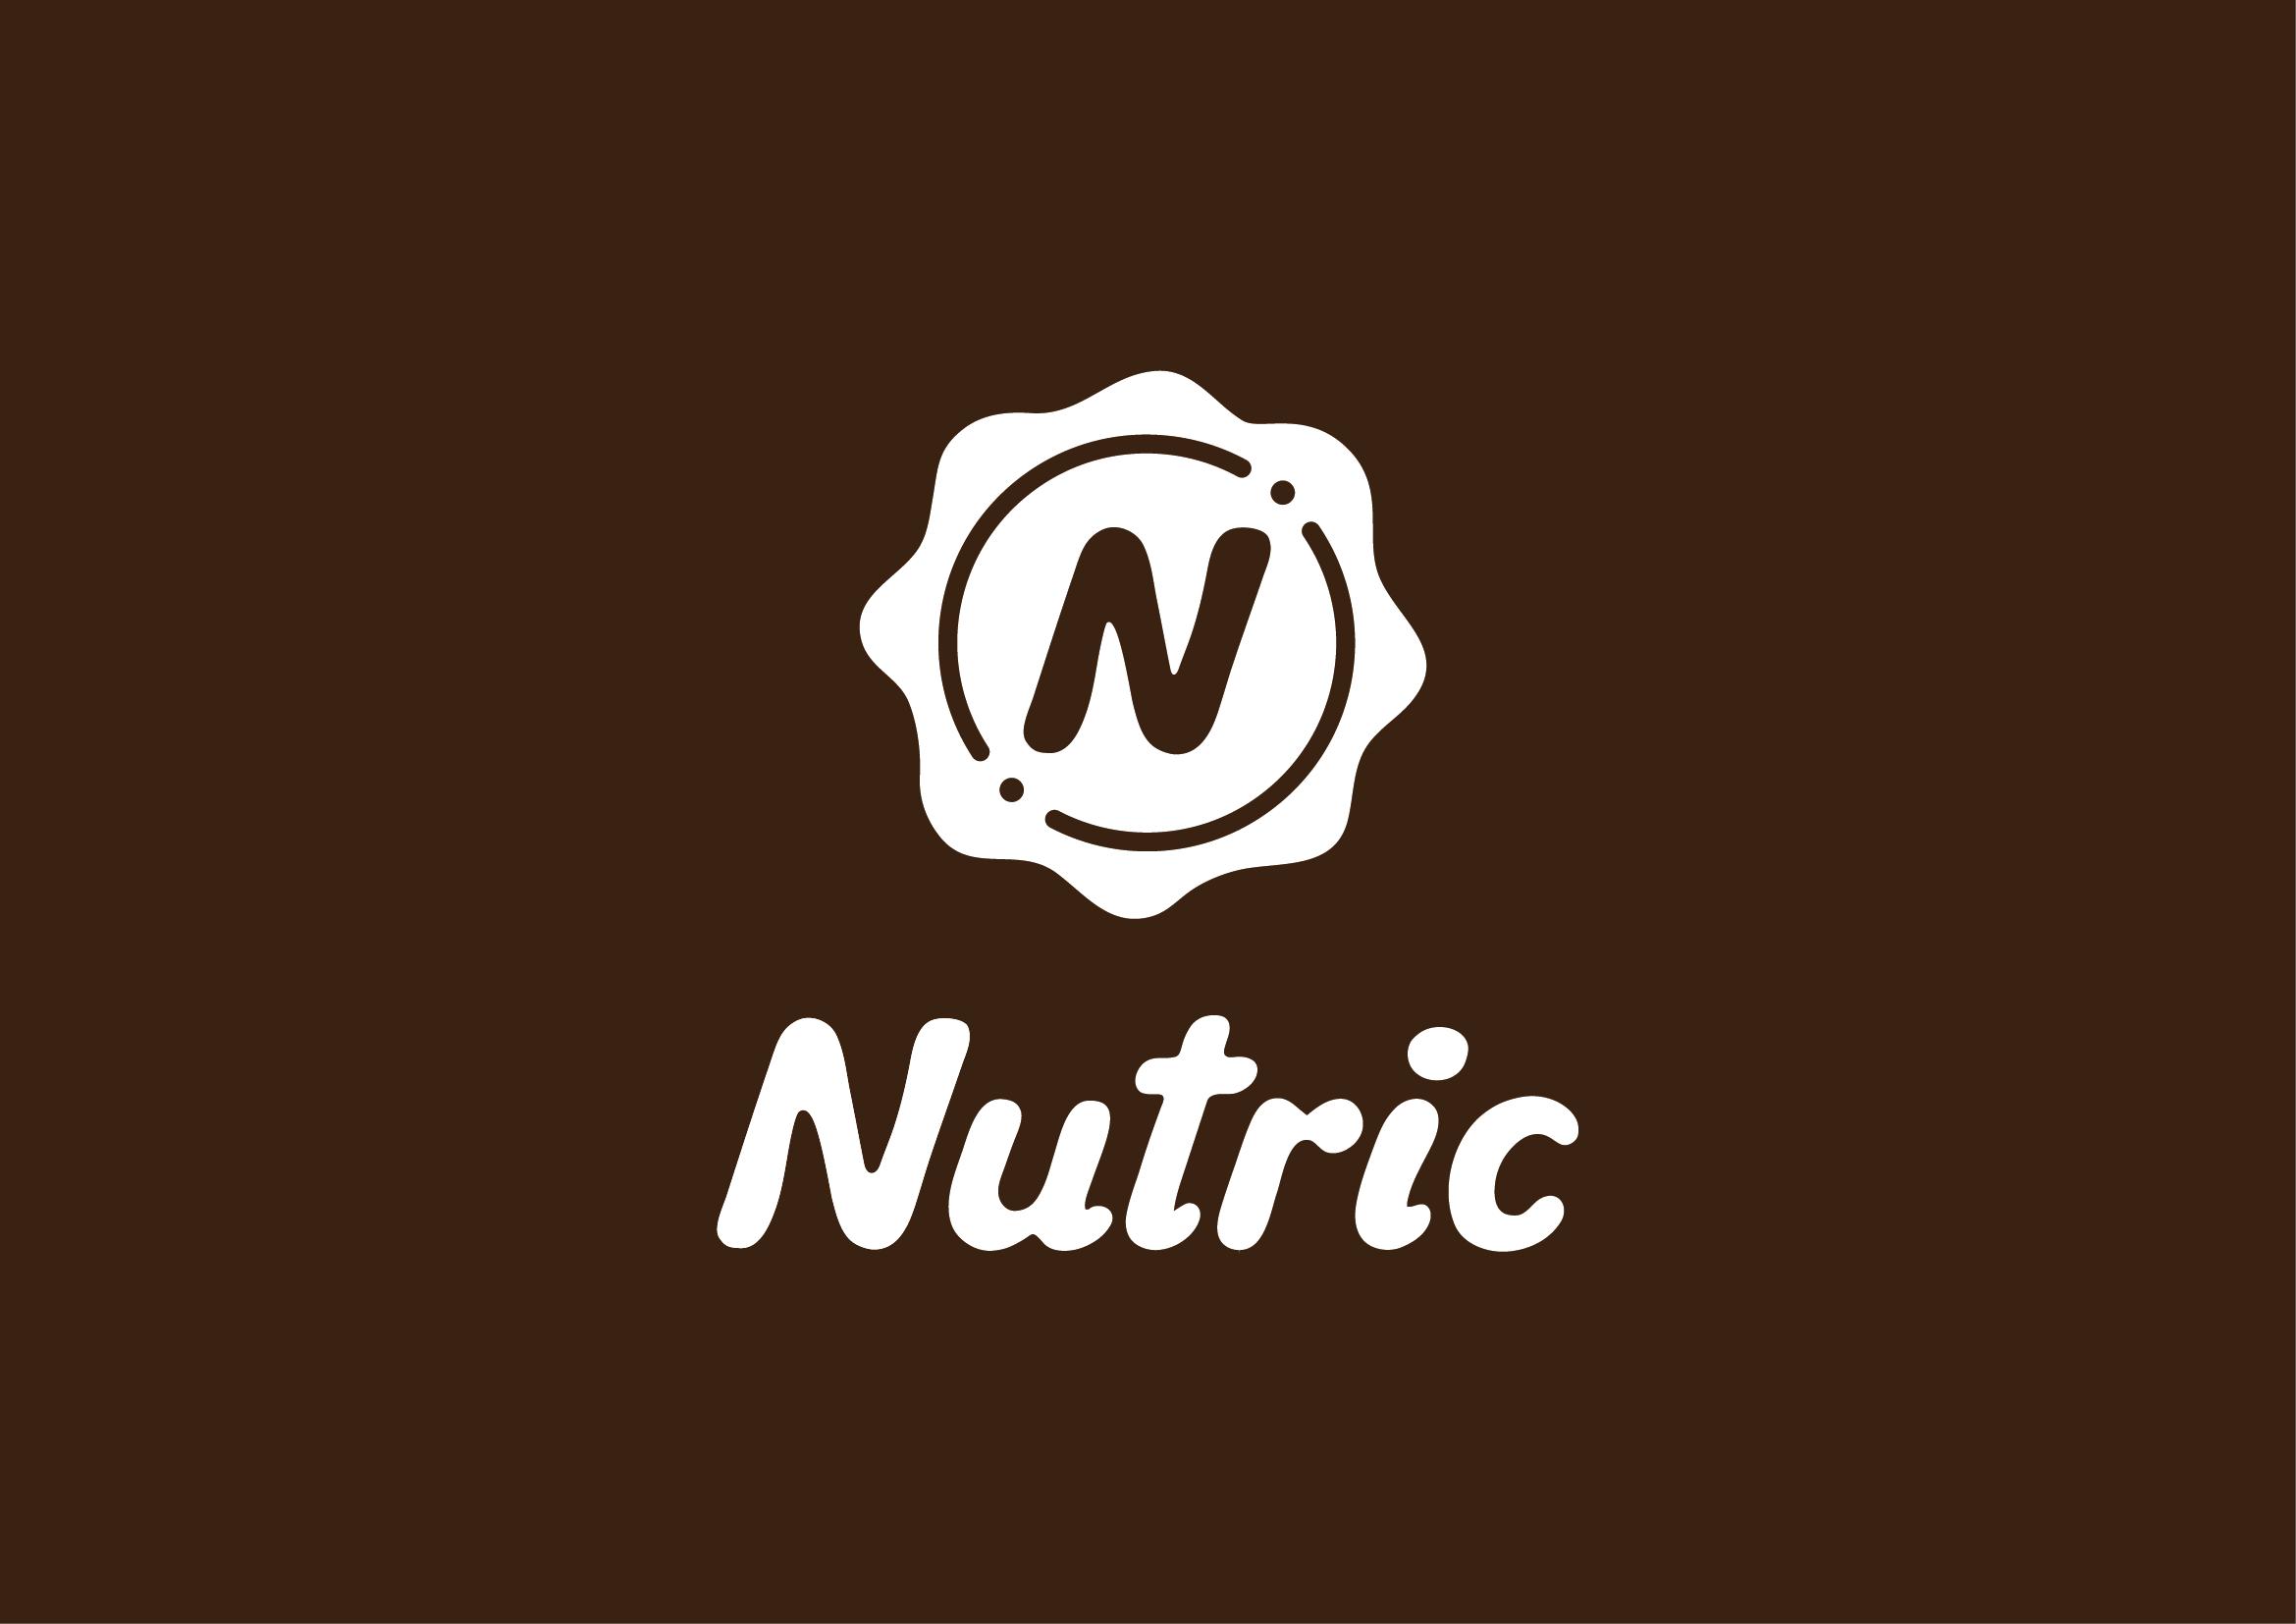 nutric-branding-03